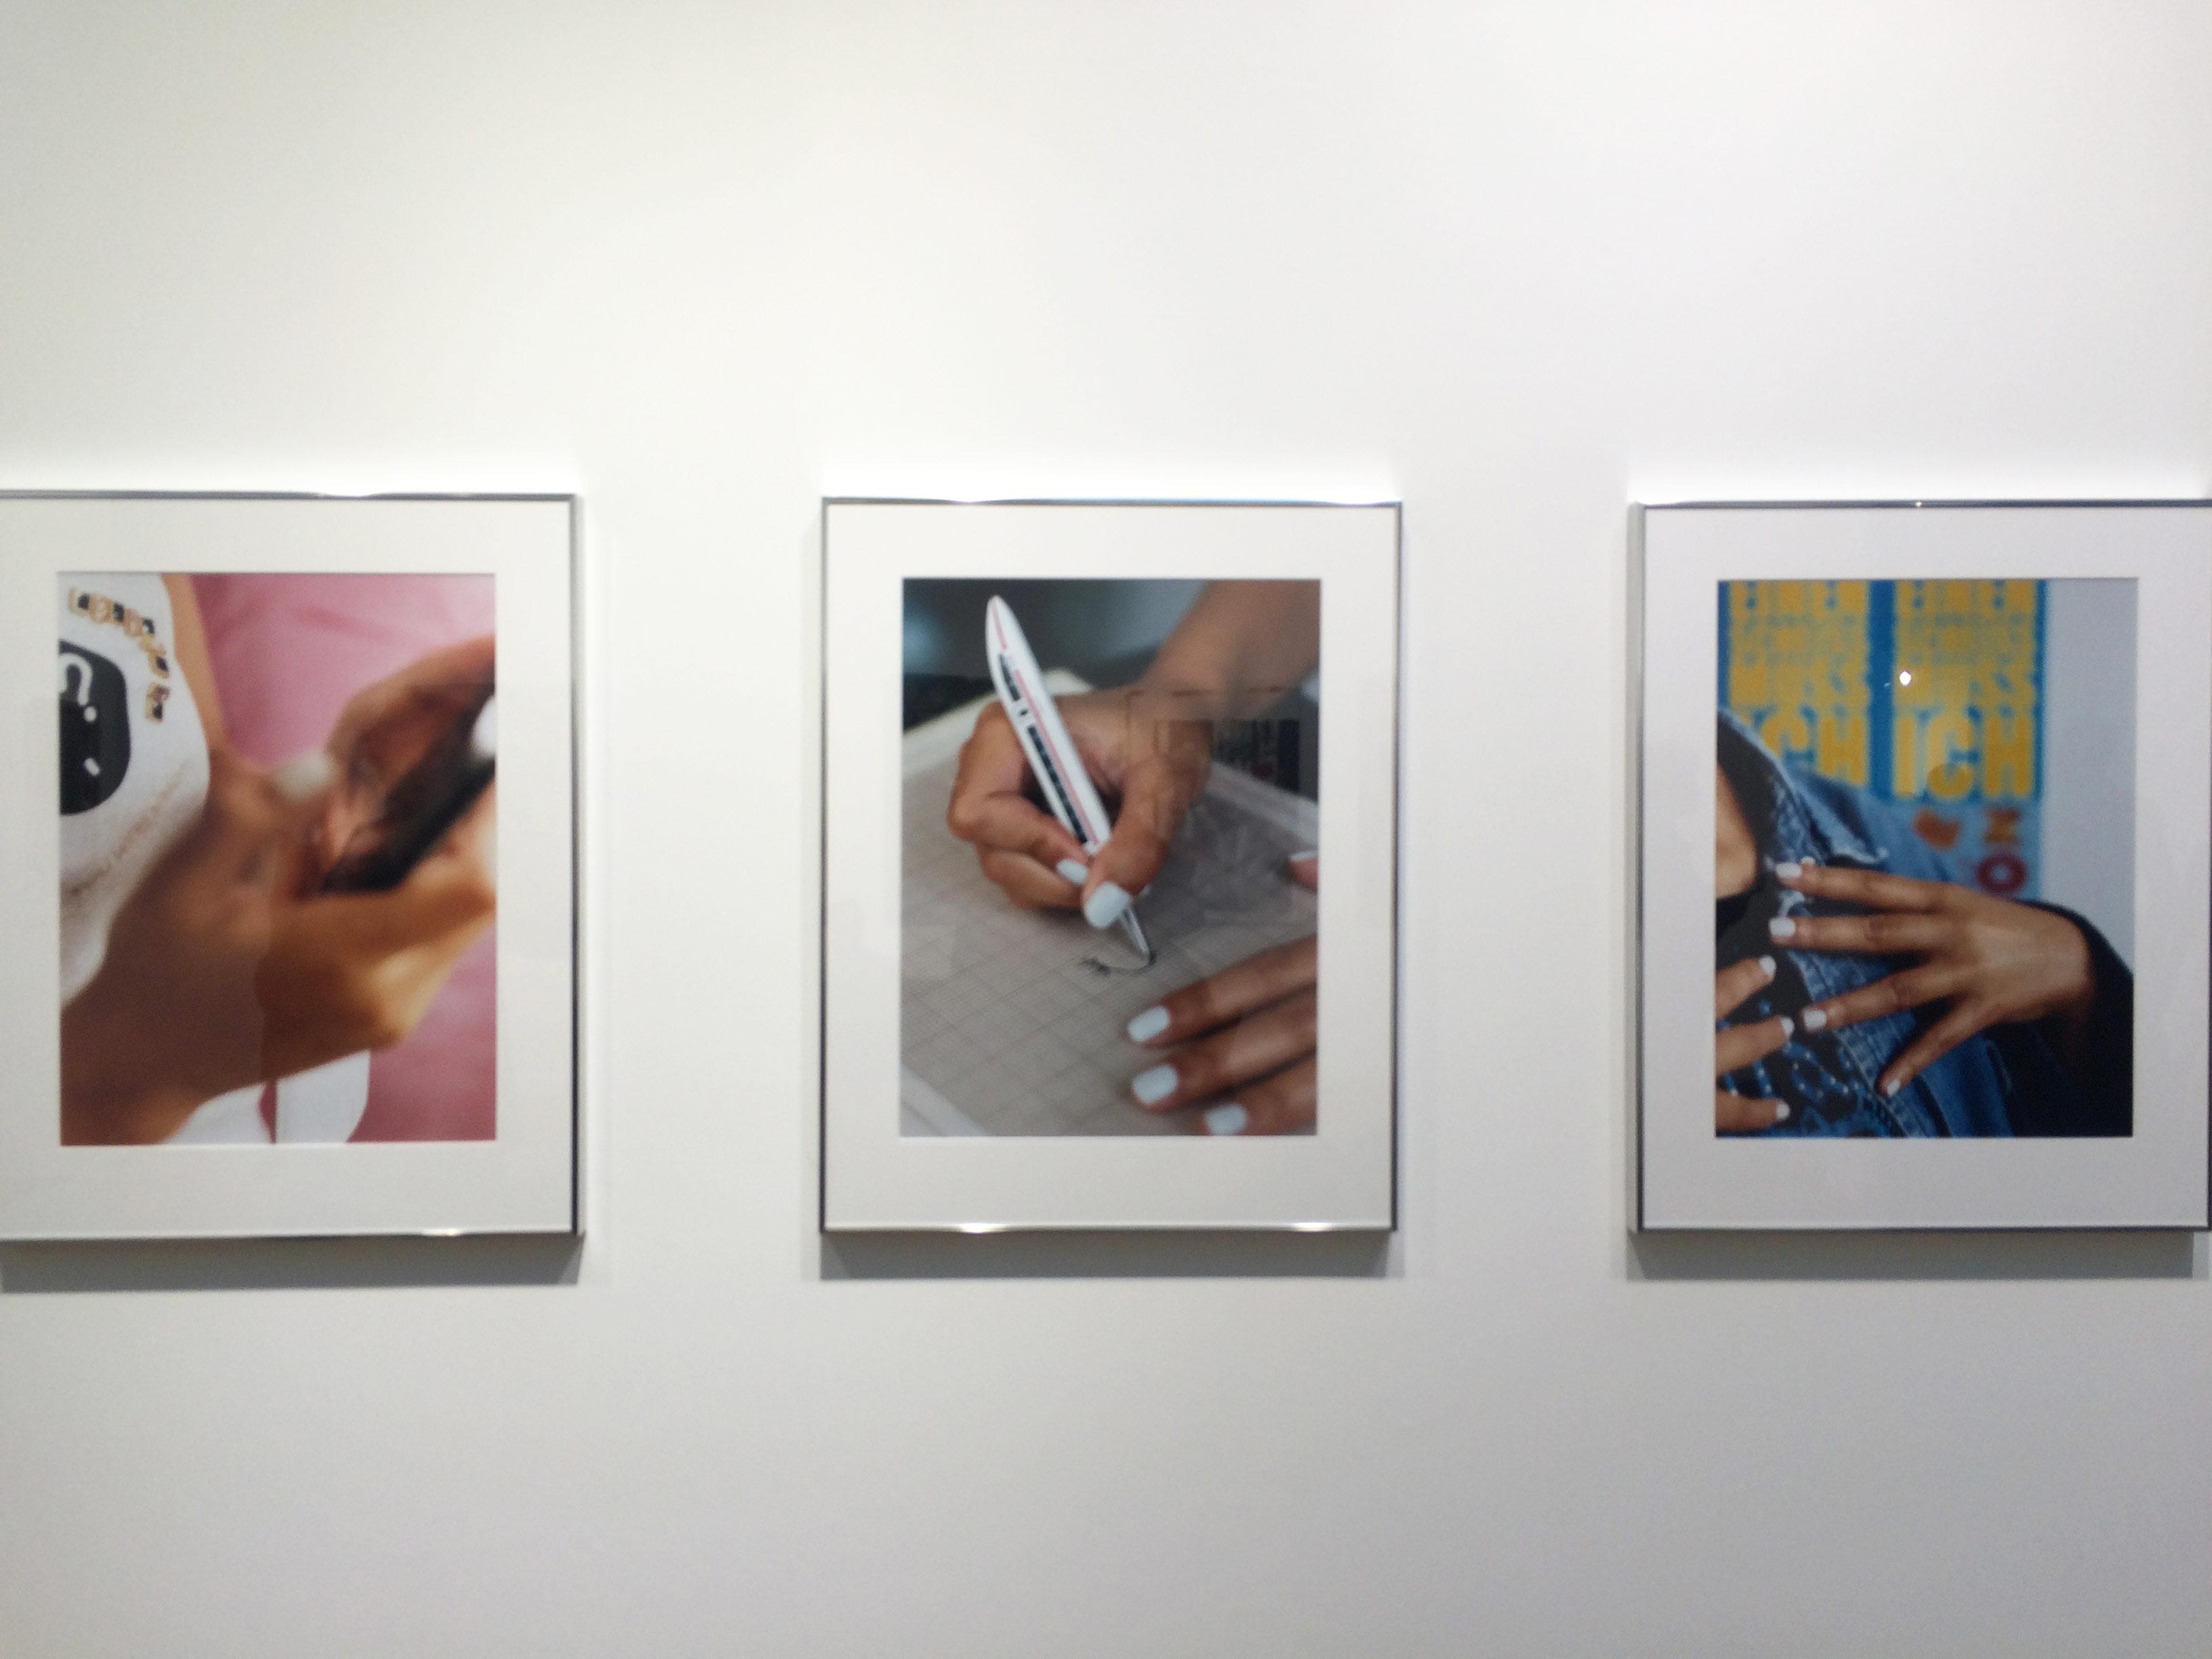 4. Josephine Pryde sur le stand de Reena Spaulings (New York)  L'artiste conceptuelle est en lice cette année pour le prestigieux Turner Prize au Royaume-Uni. Sa galerie new-yorkaise en profite pour présenter à la FIAC une série de photographies: des zooms sur des mains se saisissant d'objets comme un téléphone ou un stylo. Un inventaire fascinant des chorégraphies de nos gestes quotidiens.   La photographie: 12 000 dollars.  www.reenaspaulings.com